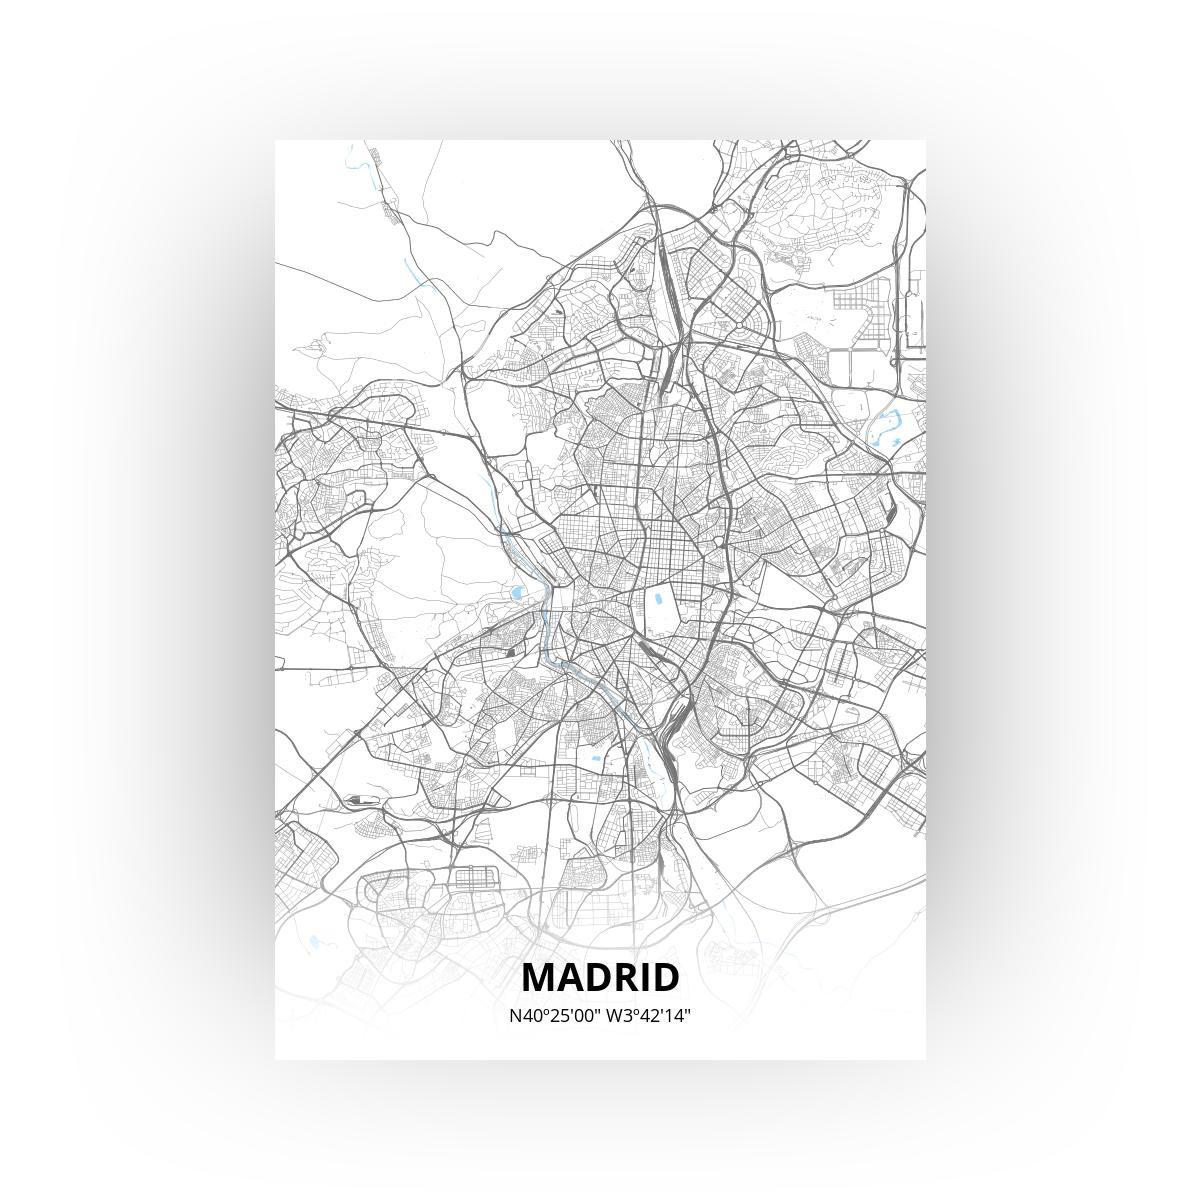 Madrid print - Standaard stijl